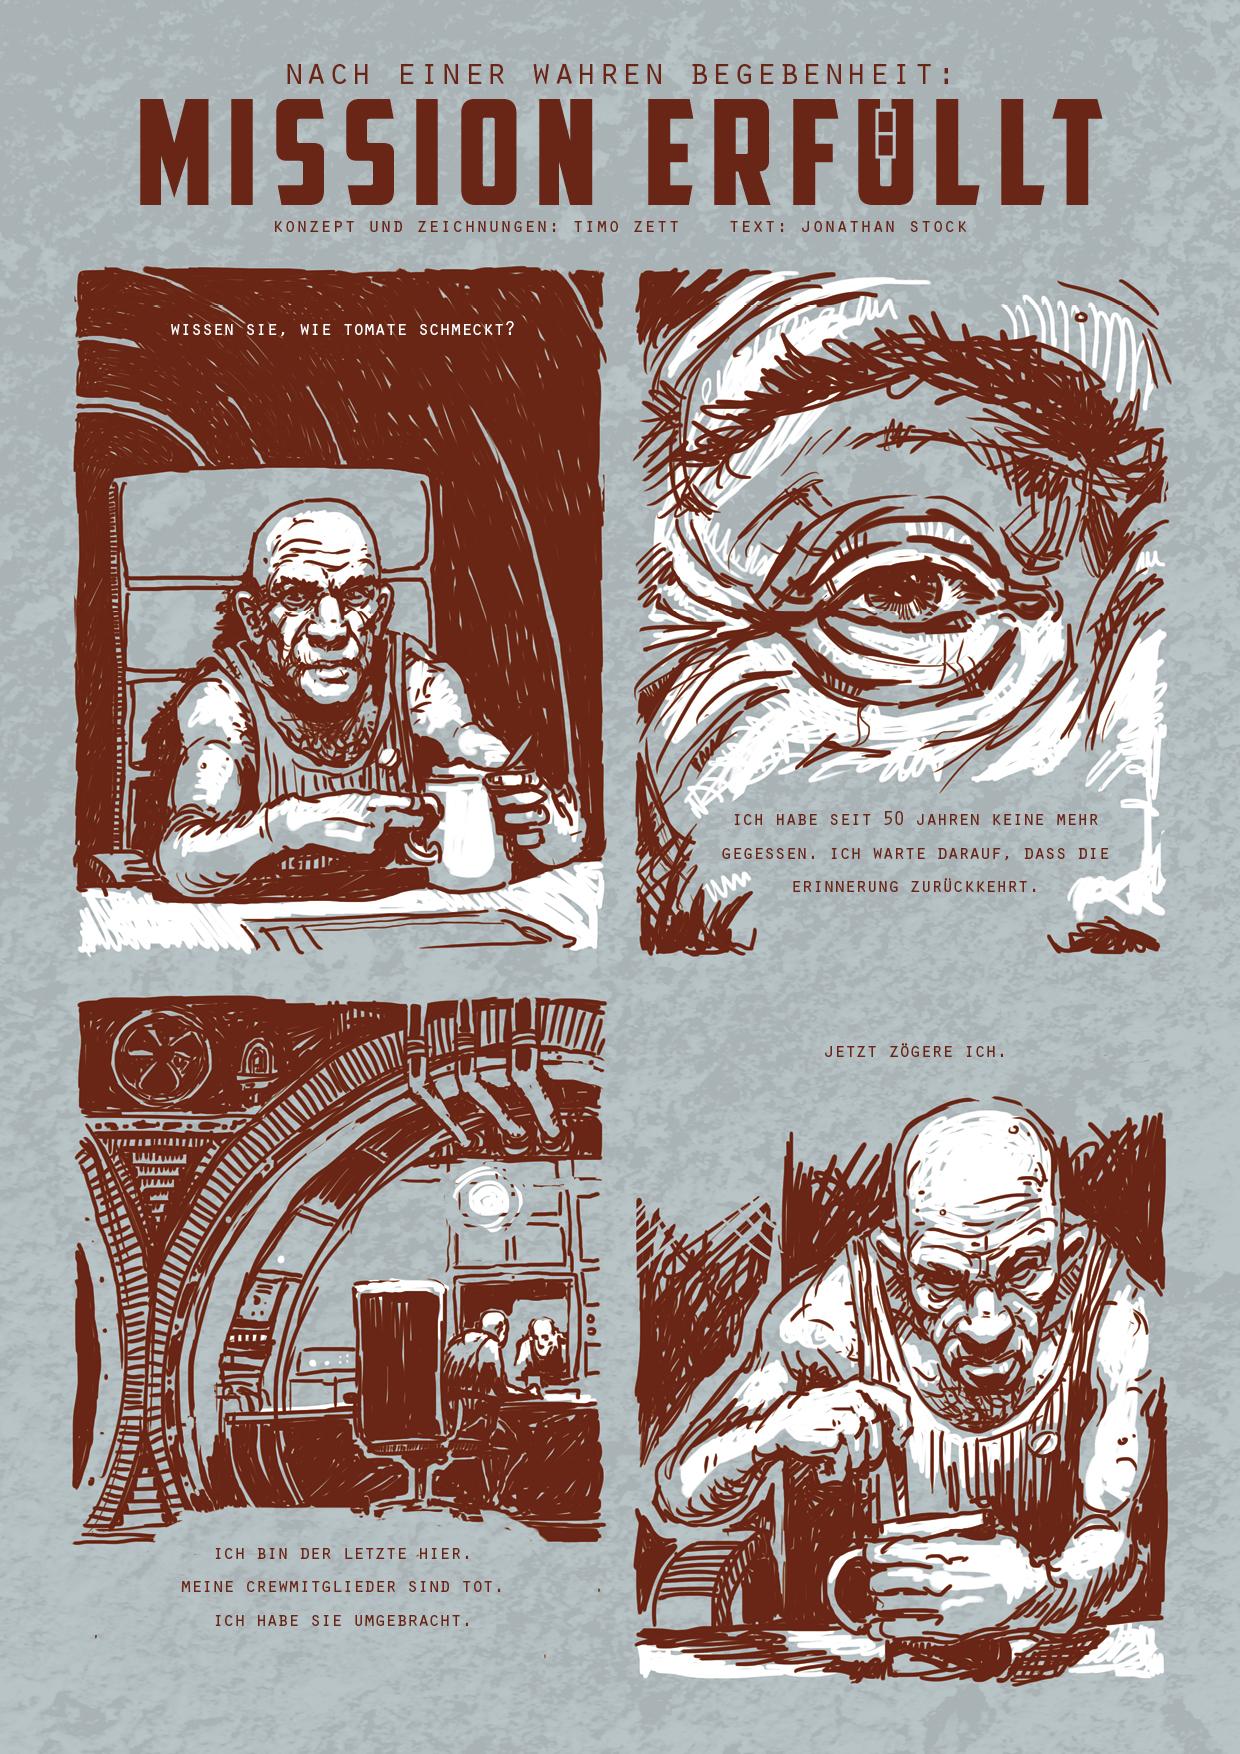 Comic von Timo Zett: Mission erfüllt